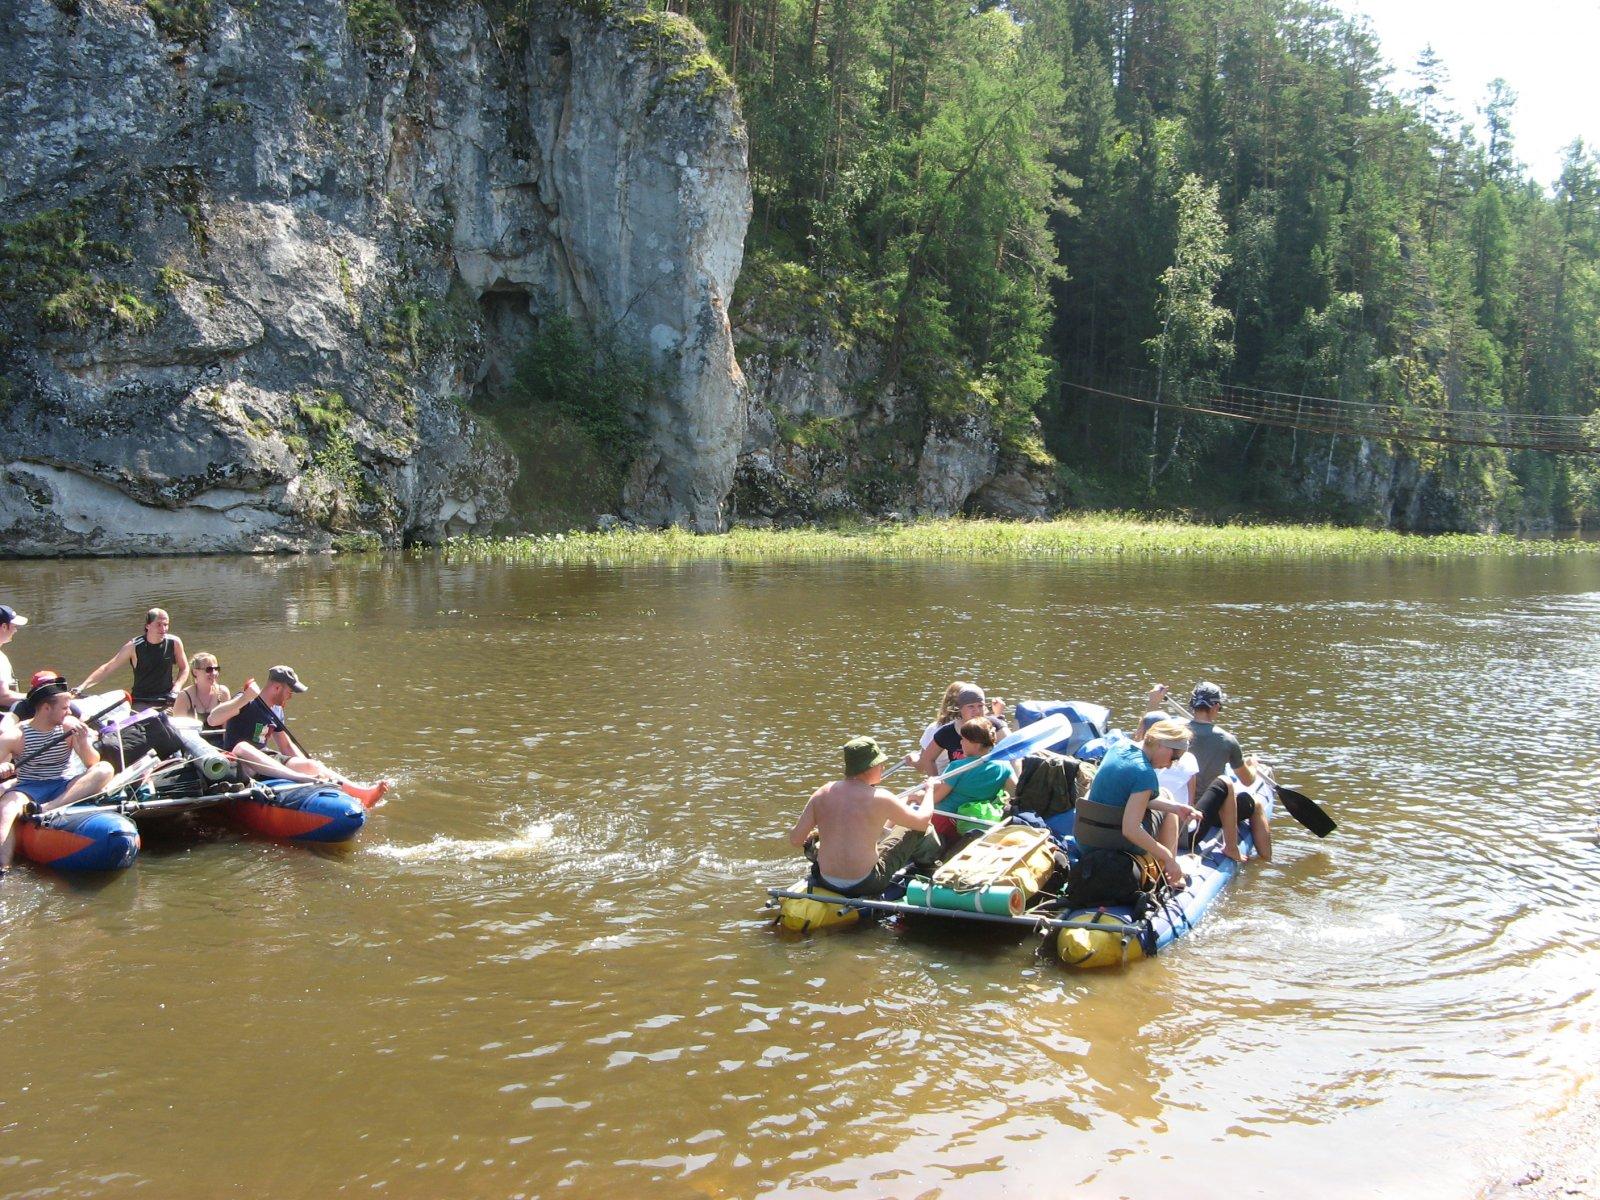 Водные туры на катамаранах по р.Серге. Оленьи Ручьи, Свердловская область